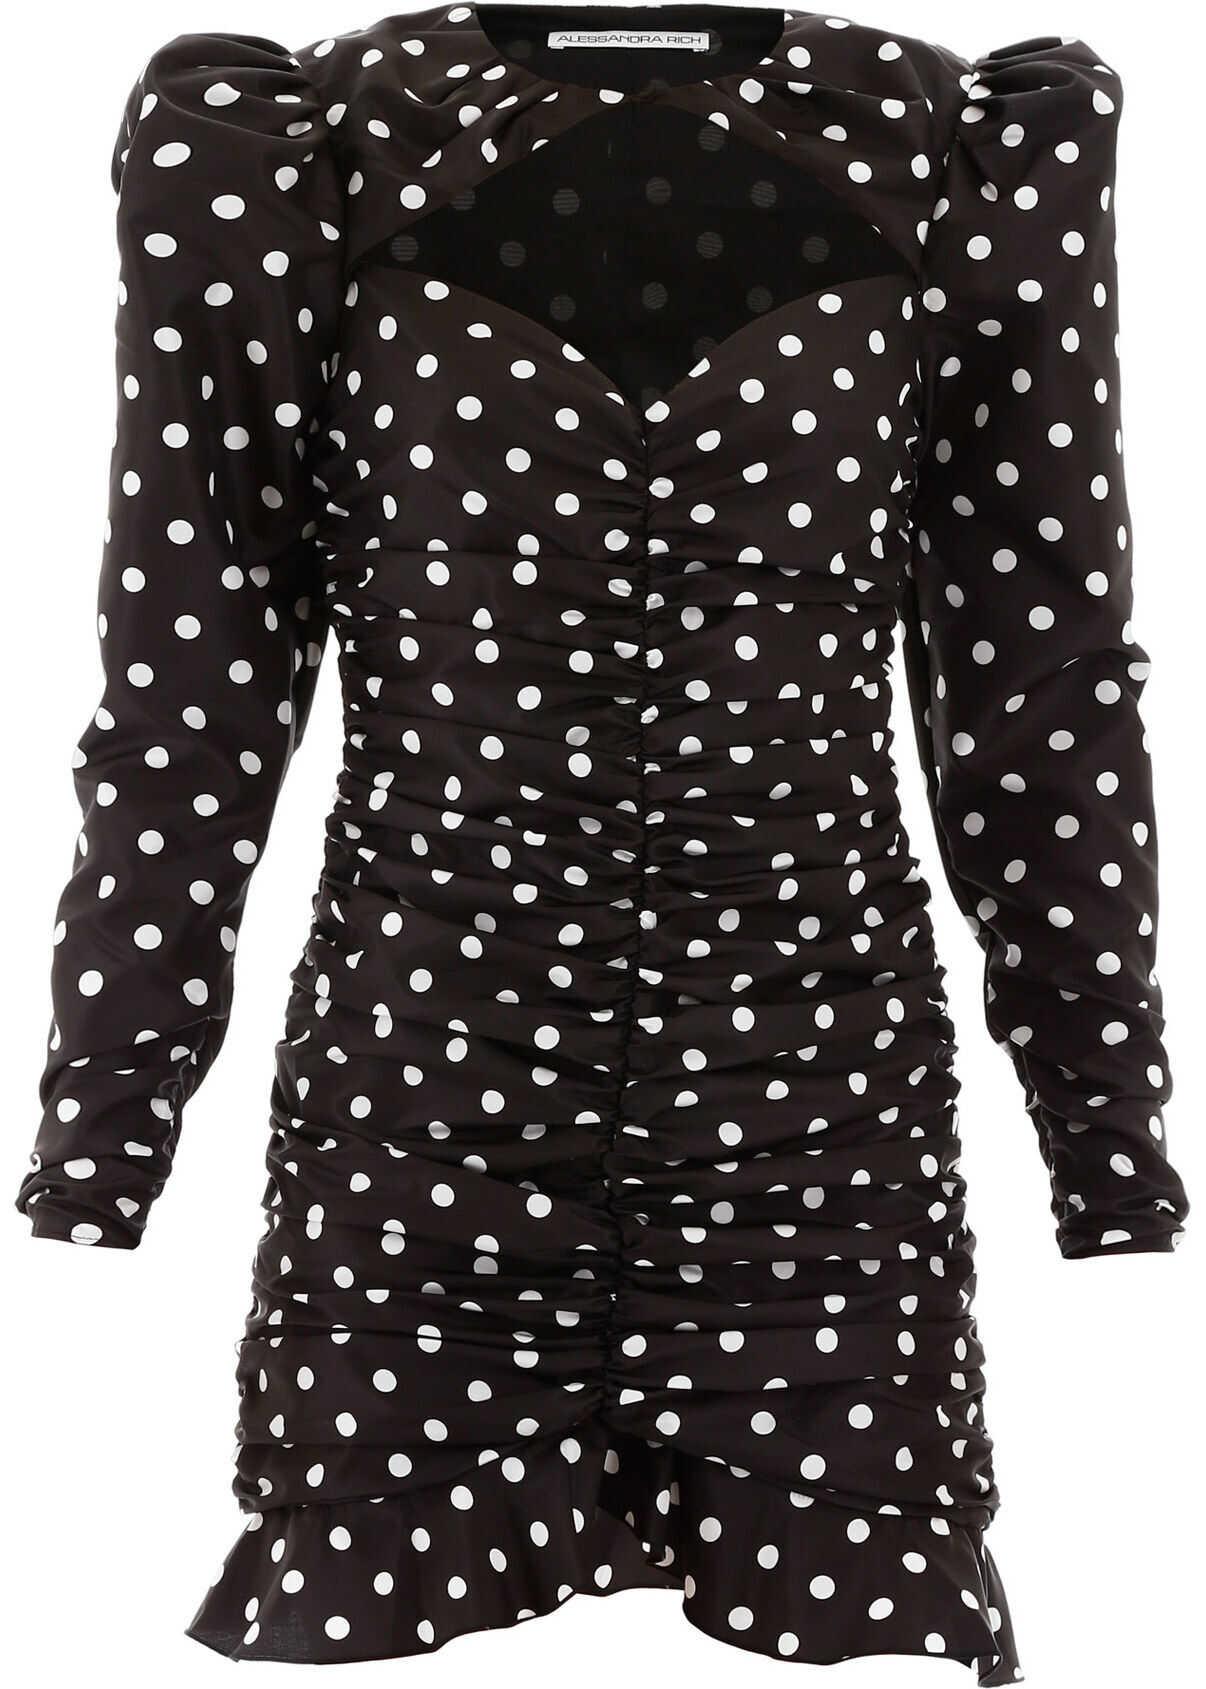 Alessandra Rich Polka Dot Mini Dress BLACK